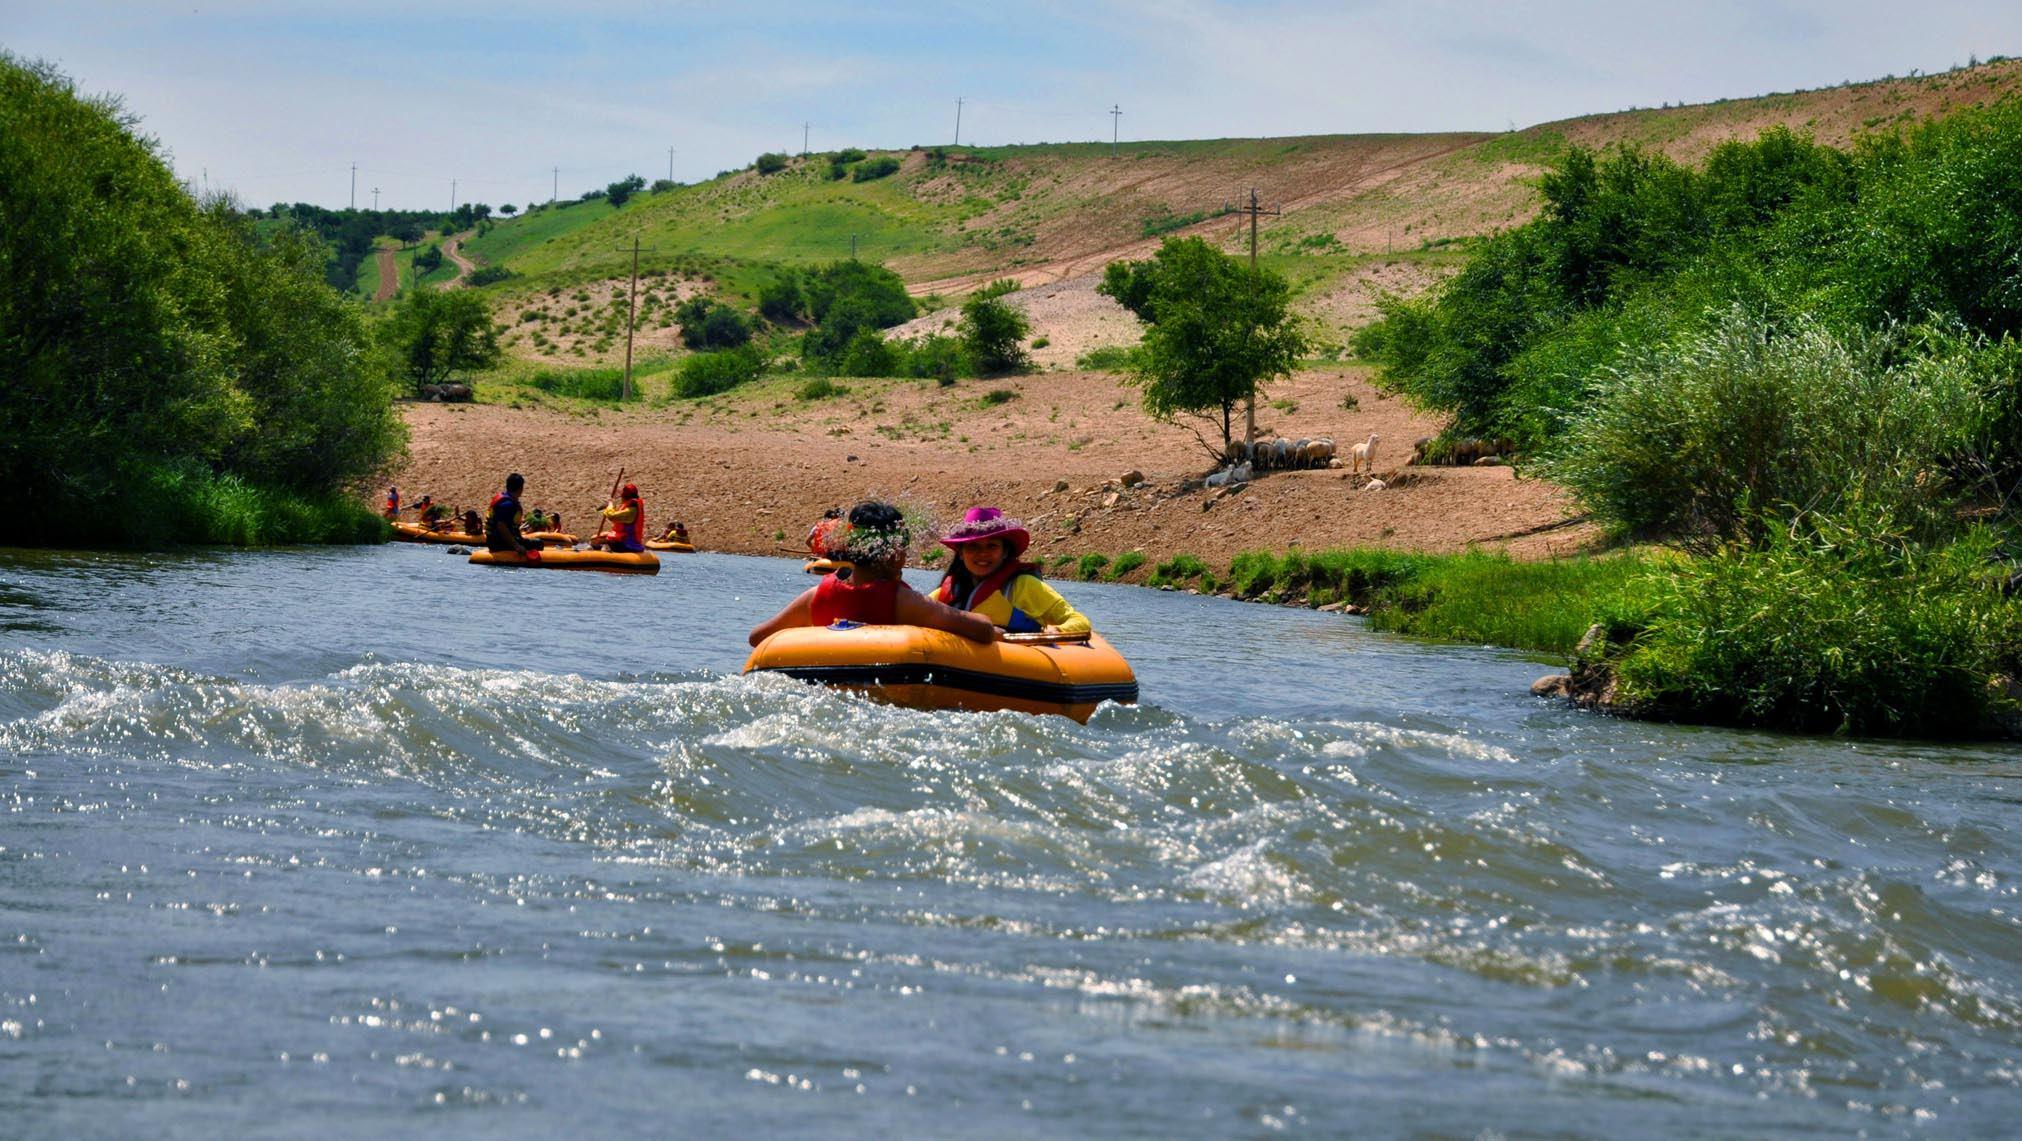 活动亮点     西拉木伦河漂流 ,漂流是夏季必不可少的户外运动